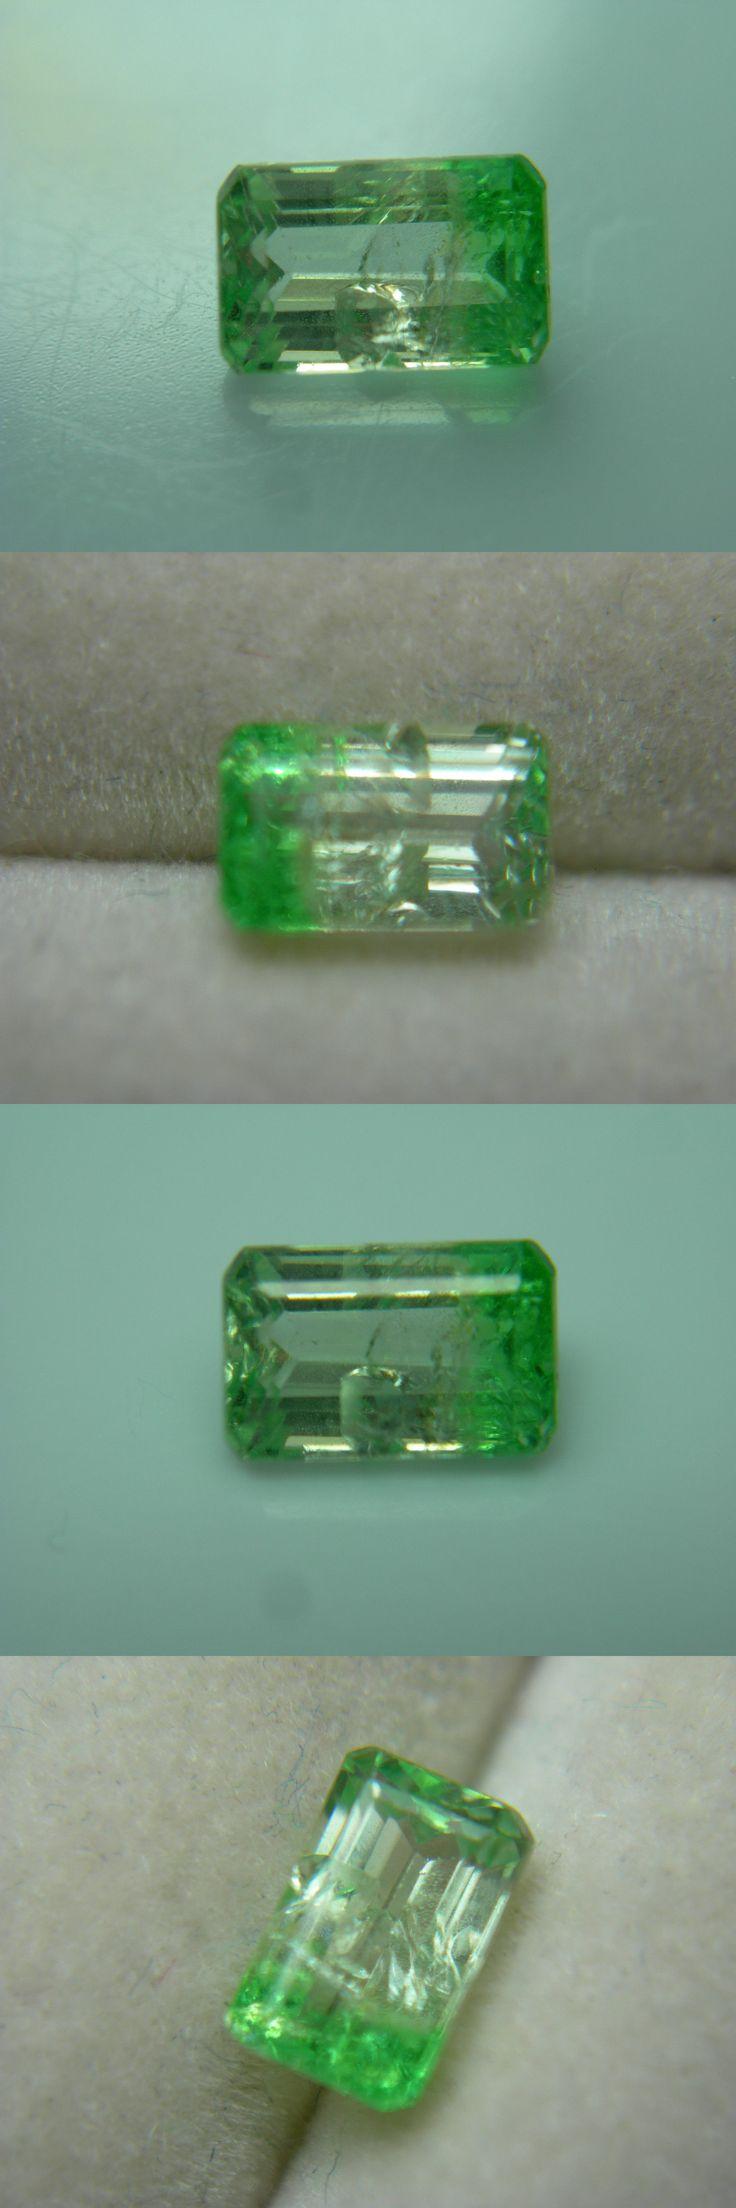 Tsavorite 110809: Rare Tsavorite Leuco Bi-Color Colorless Green Garnet Gem Grossular Fluorescent D -> BUY IT NOW ONLY: $194.99 on eBay!